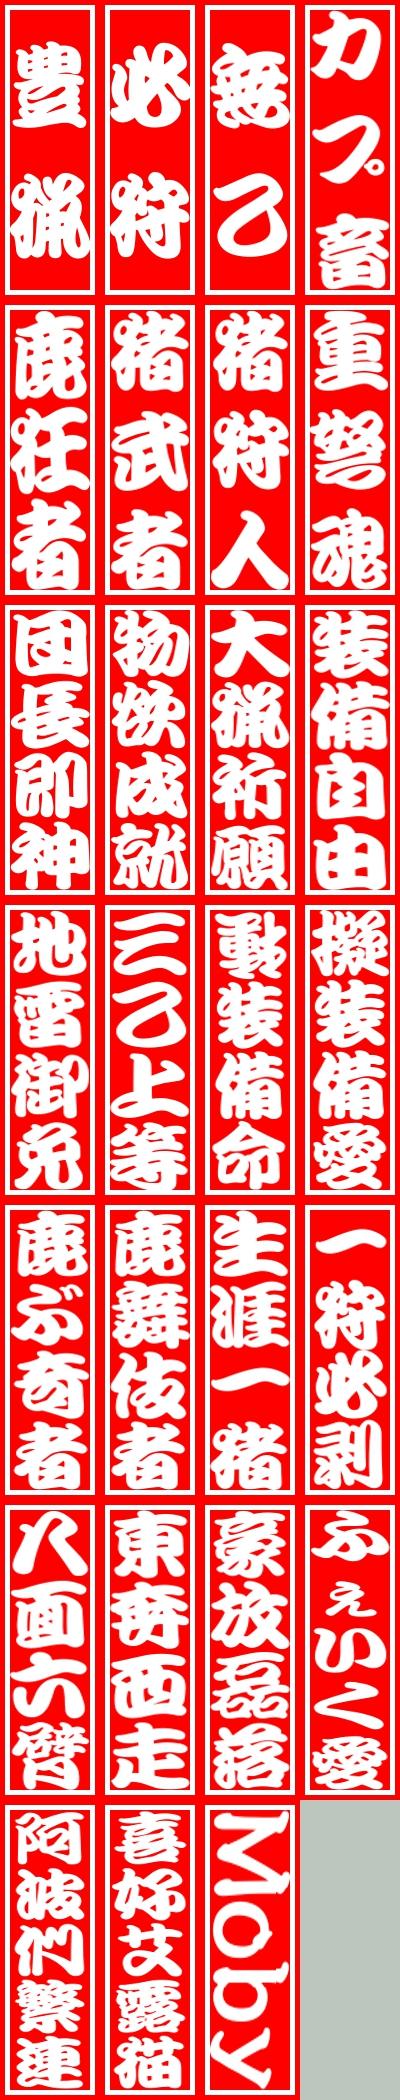 さし札一覧20111005.jpg